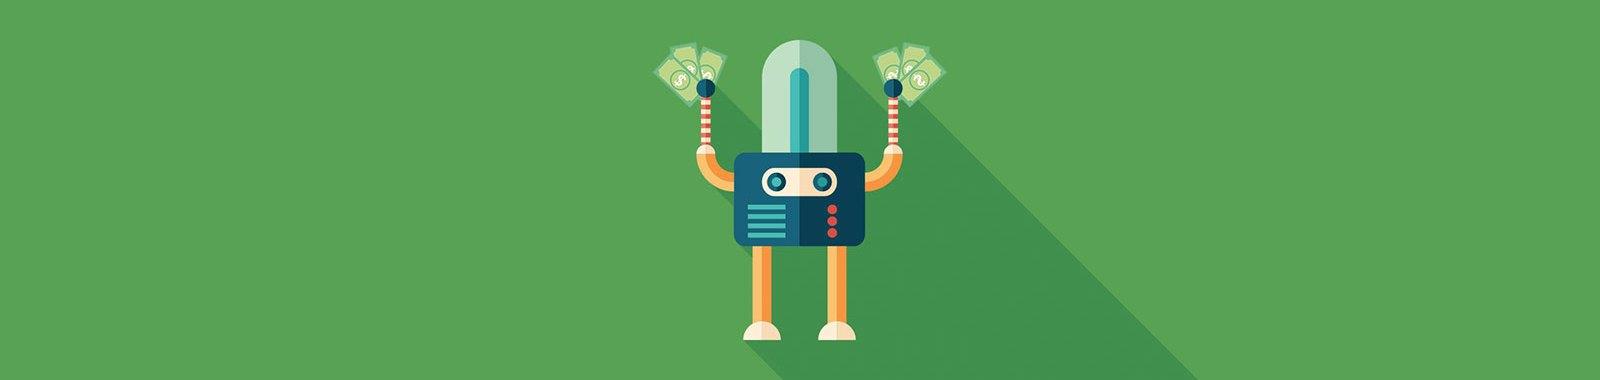 robot-monies_eye